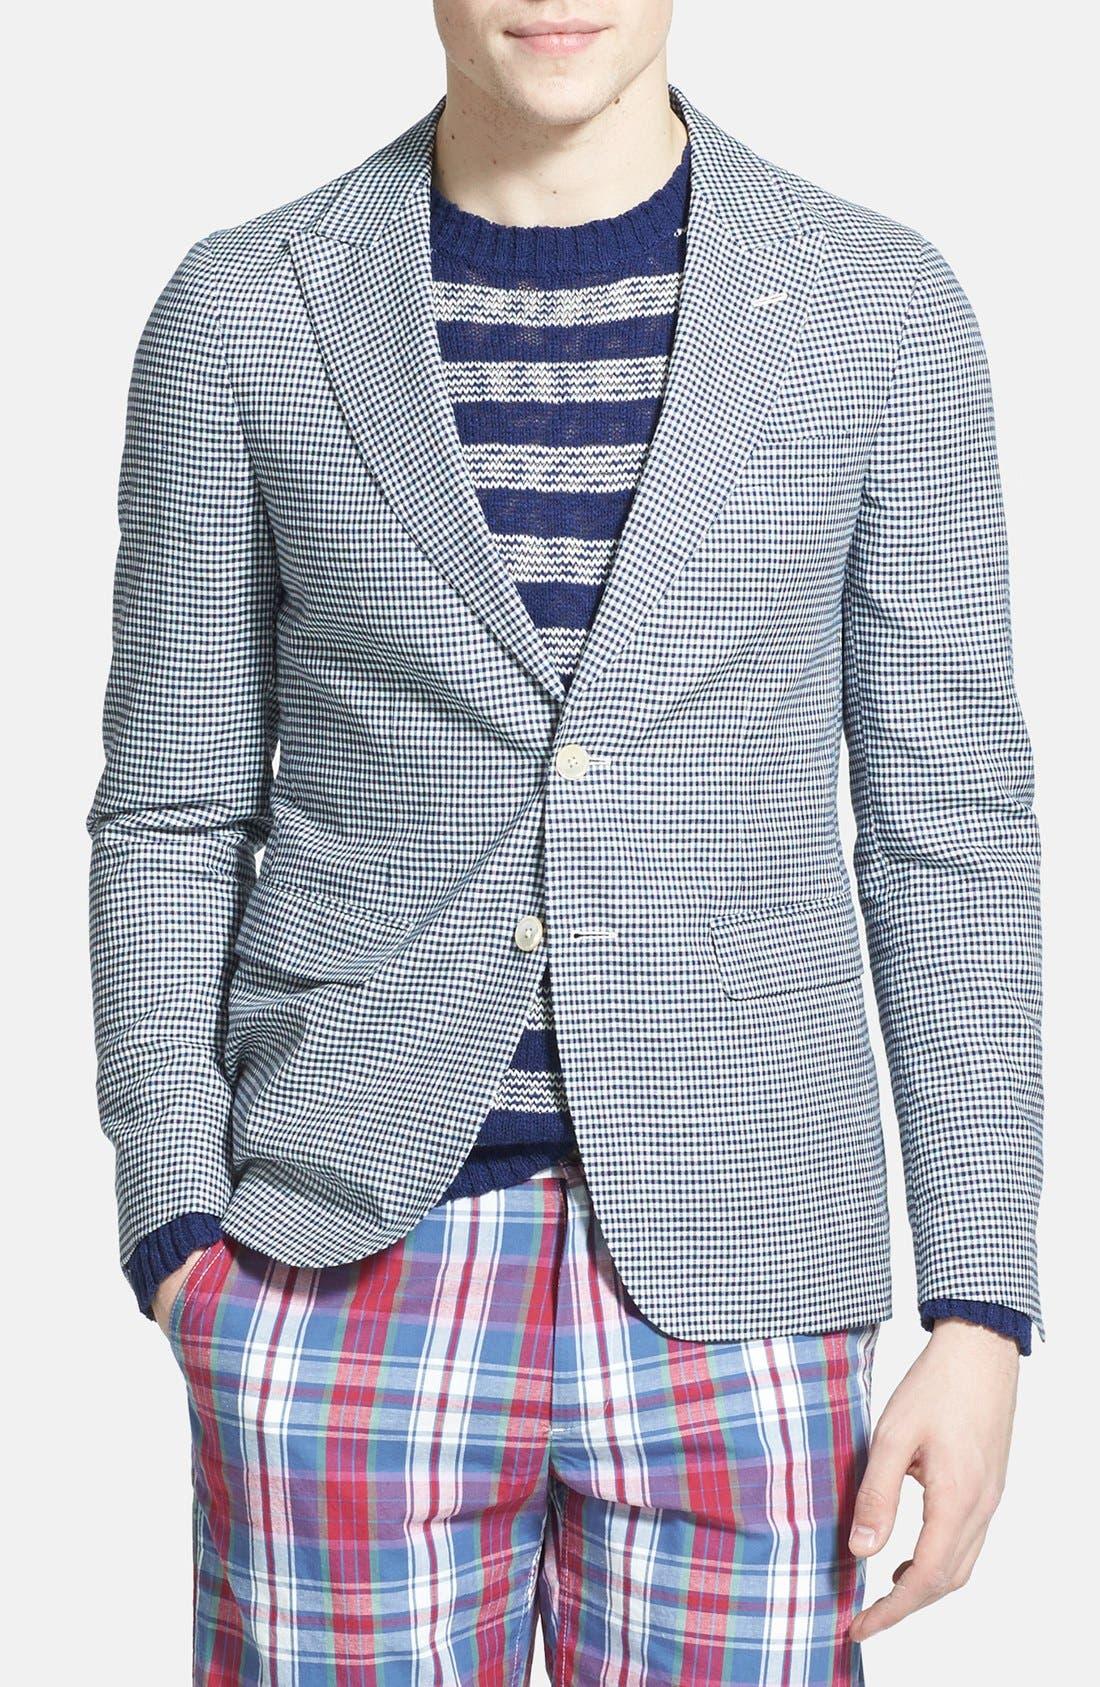 Alternate Image 1 Selected - Gant Rugger Linen & Wool Gingham Sportcoat